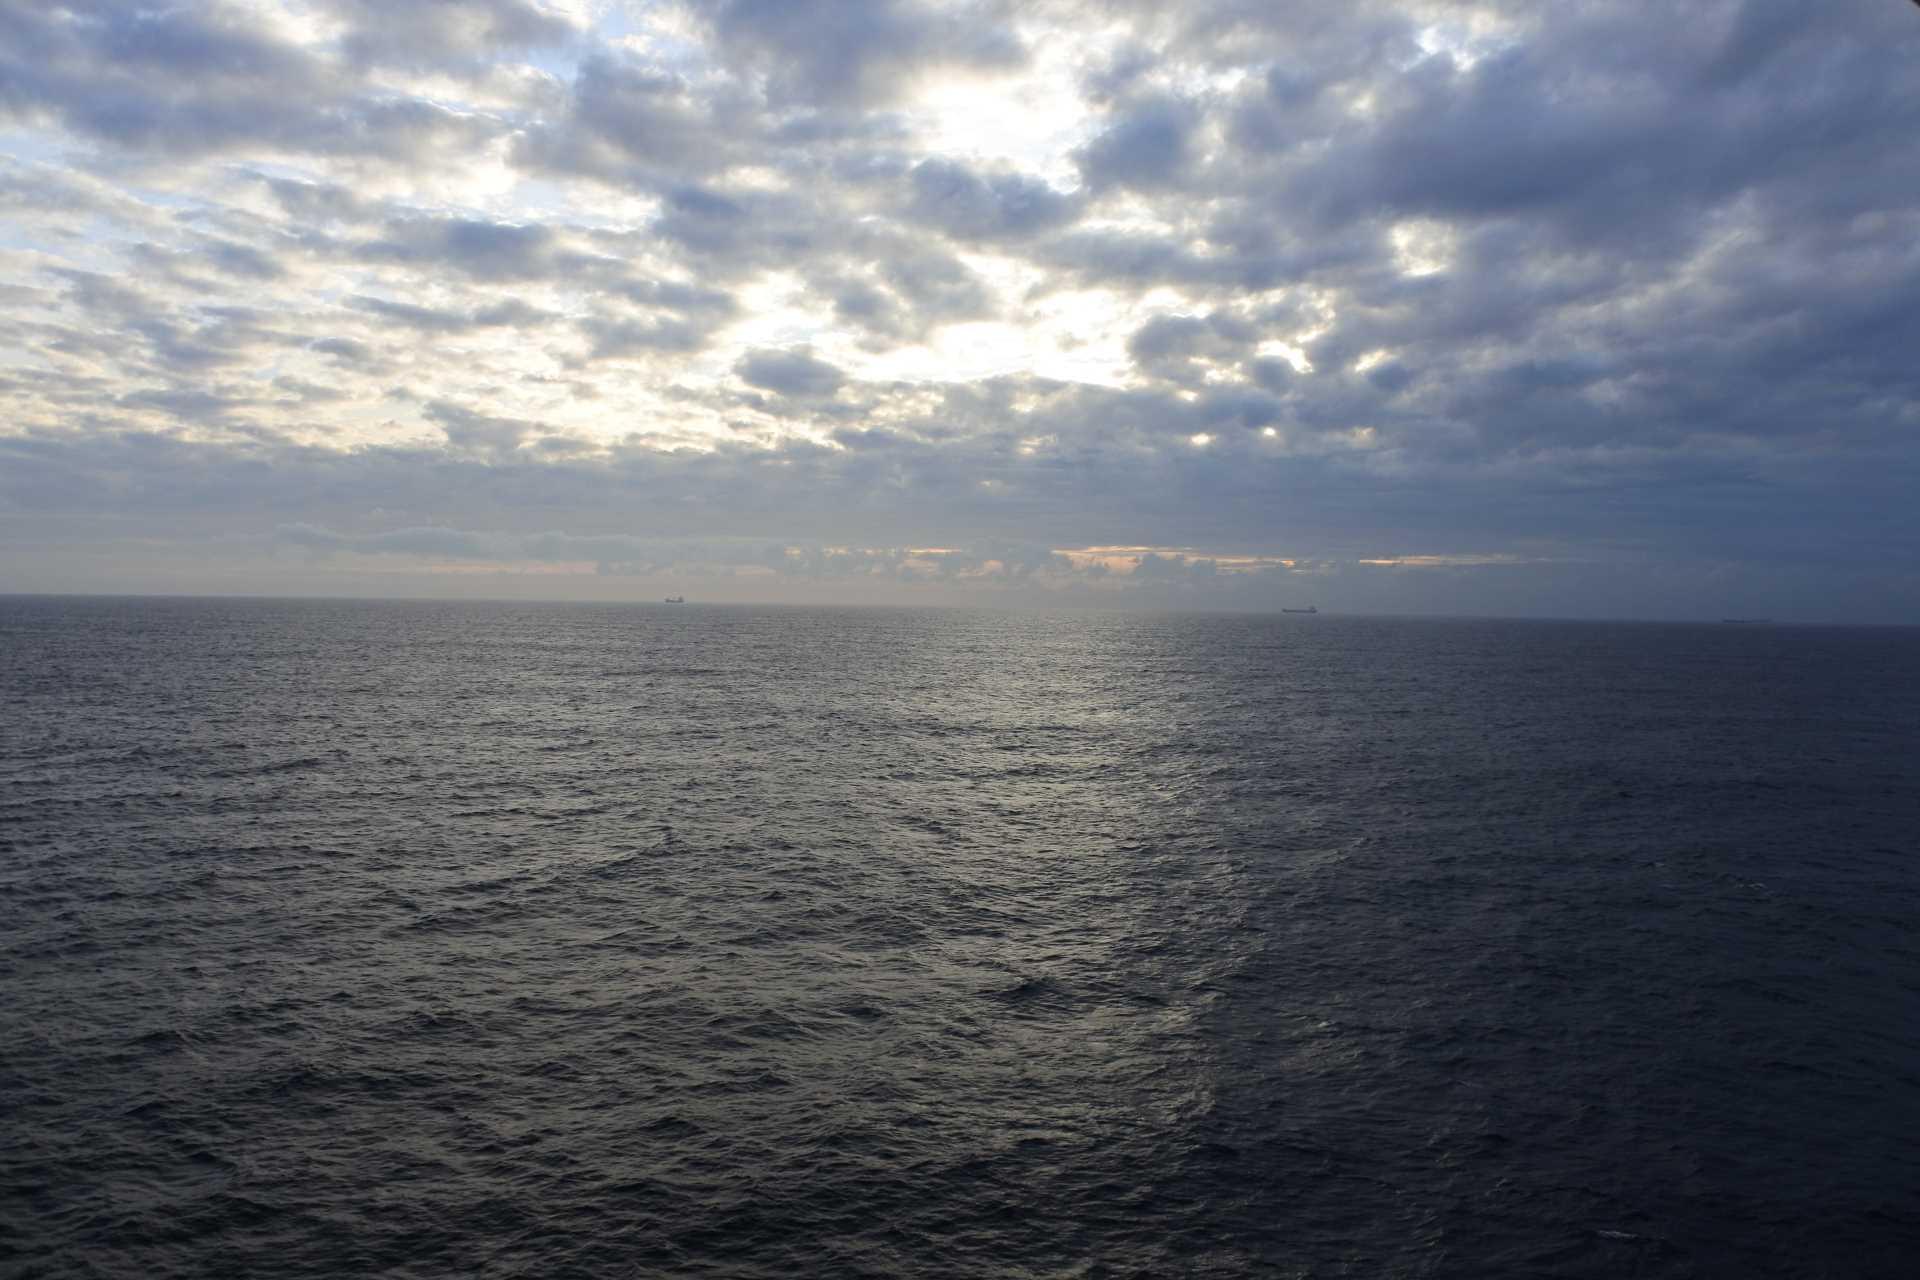 ...A breath of fresh air....